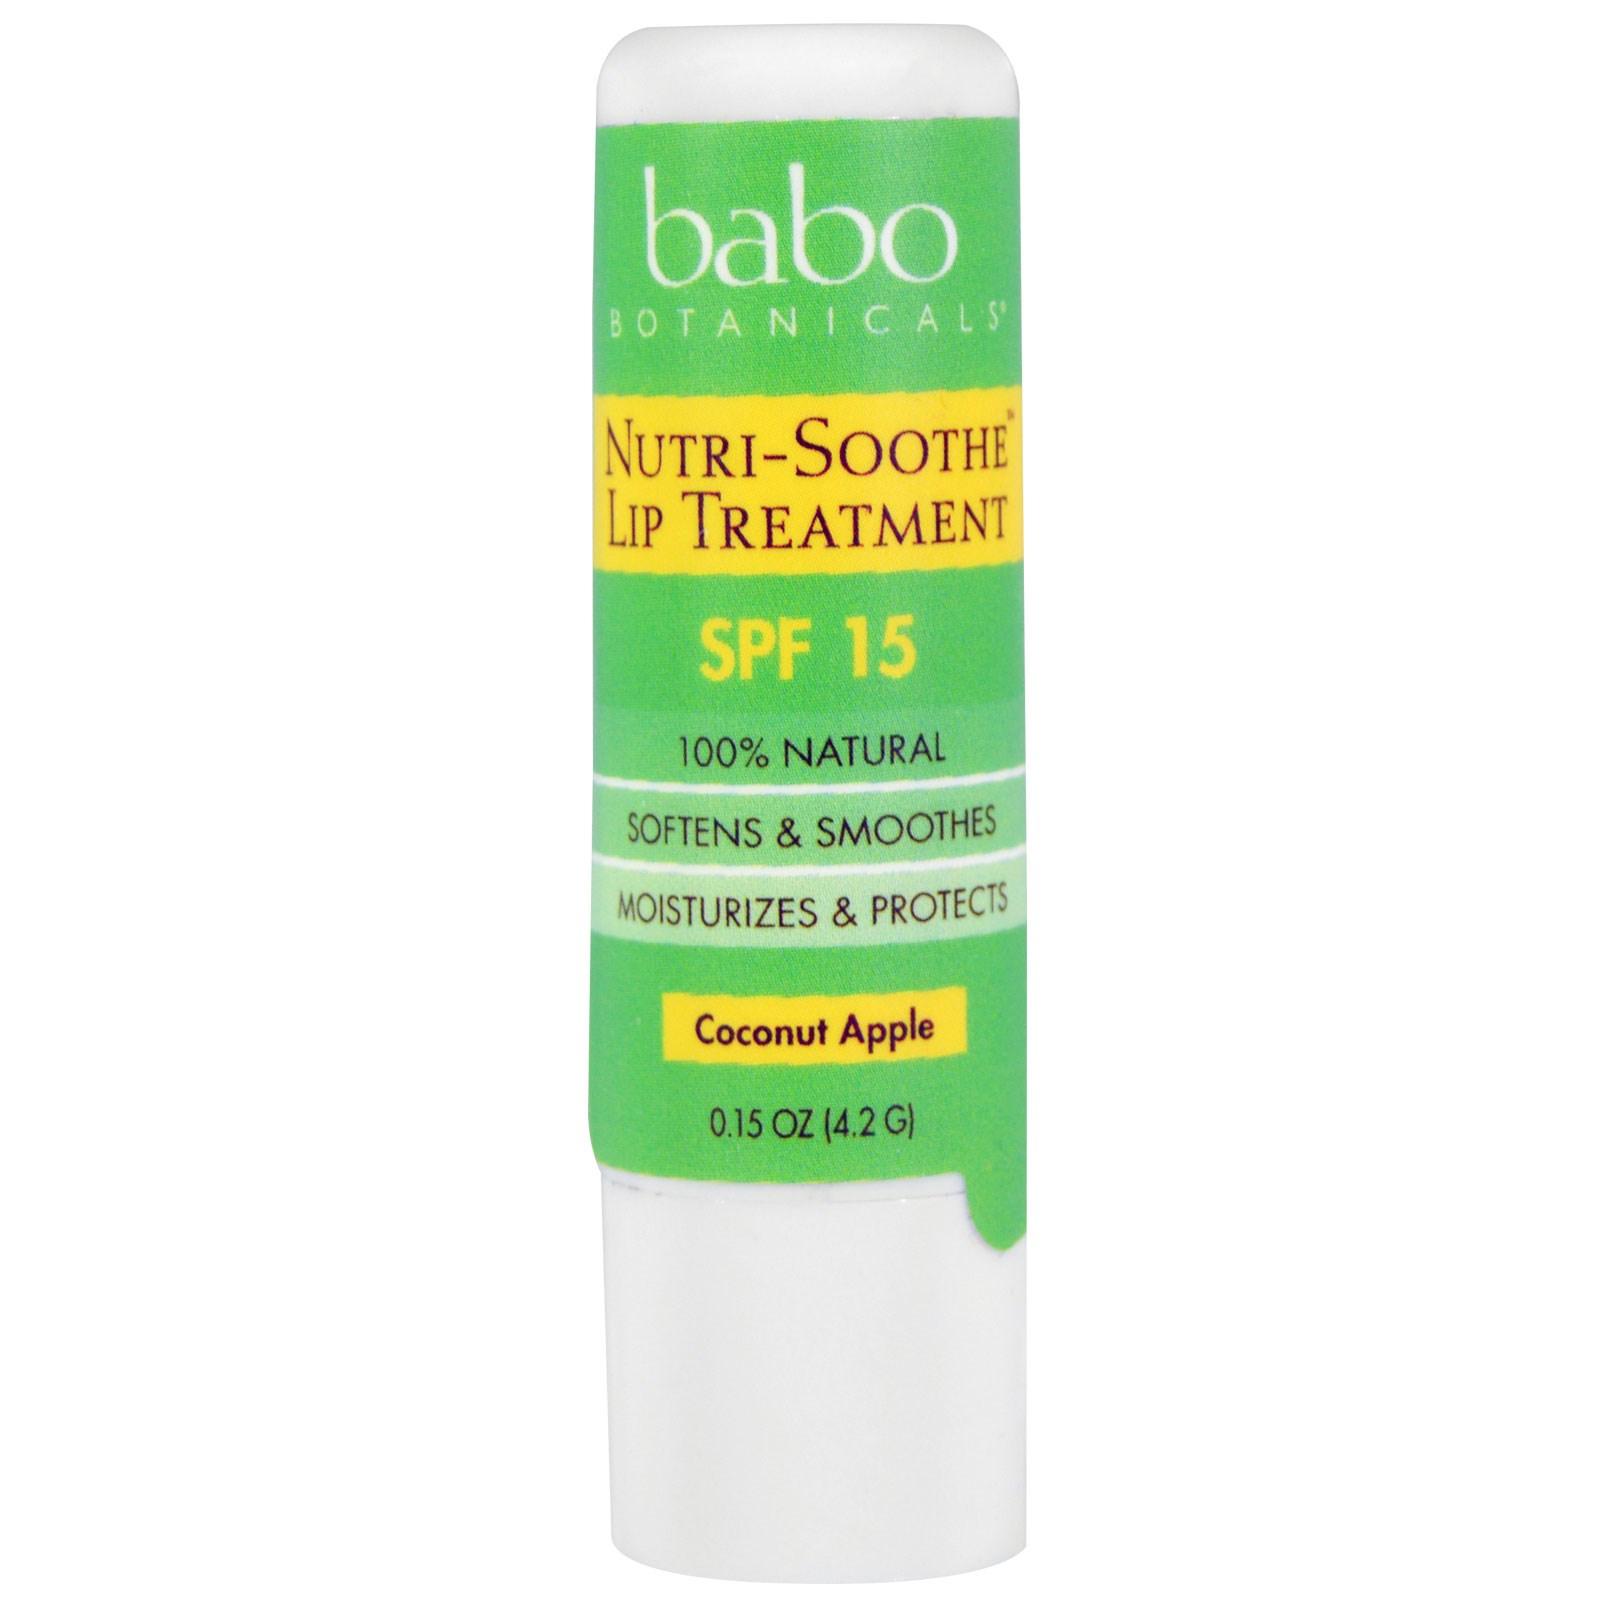 Babo Botanicals, Средство для губ Nutri-Soothe, фактор защиты SPF 15, кокос и яблоко, 0,15 унции (4,2 г)